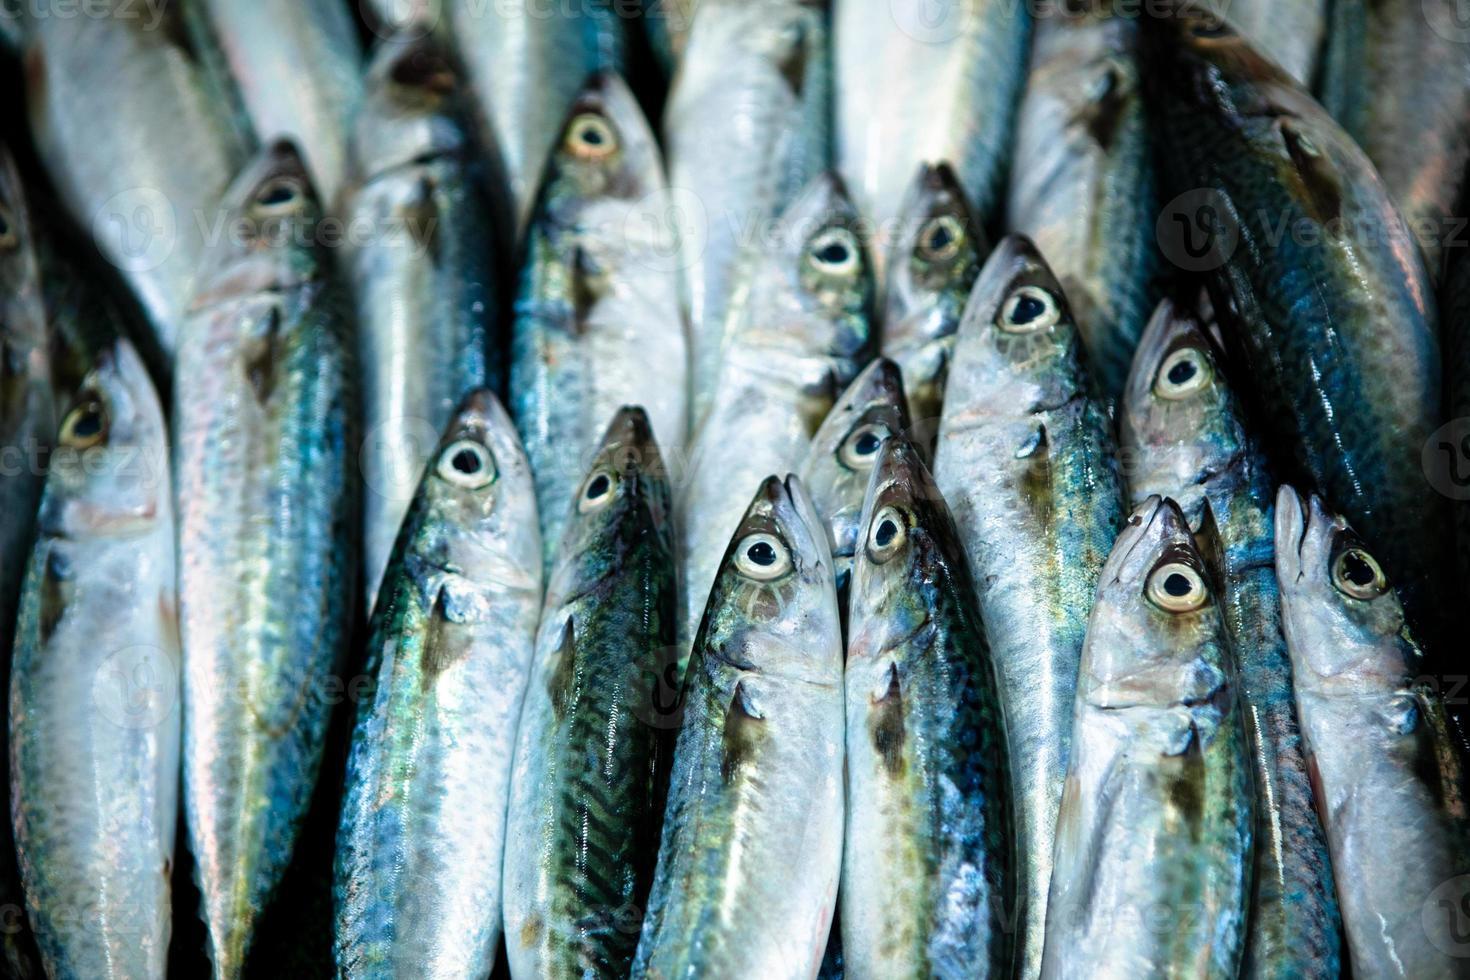 stapel vis te koop op de markt foto